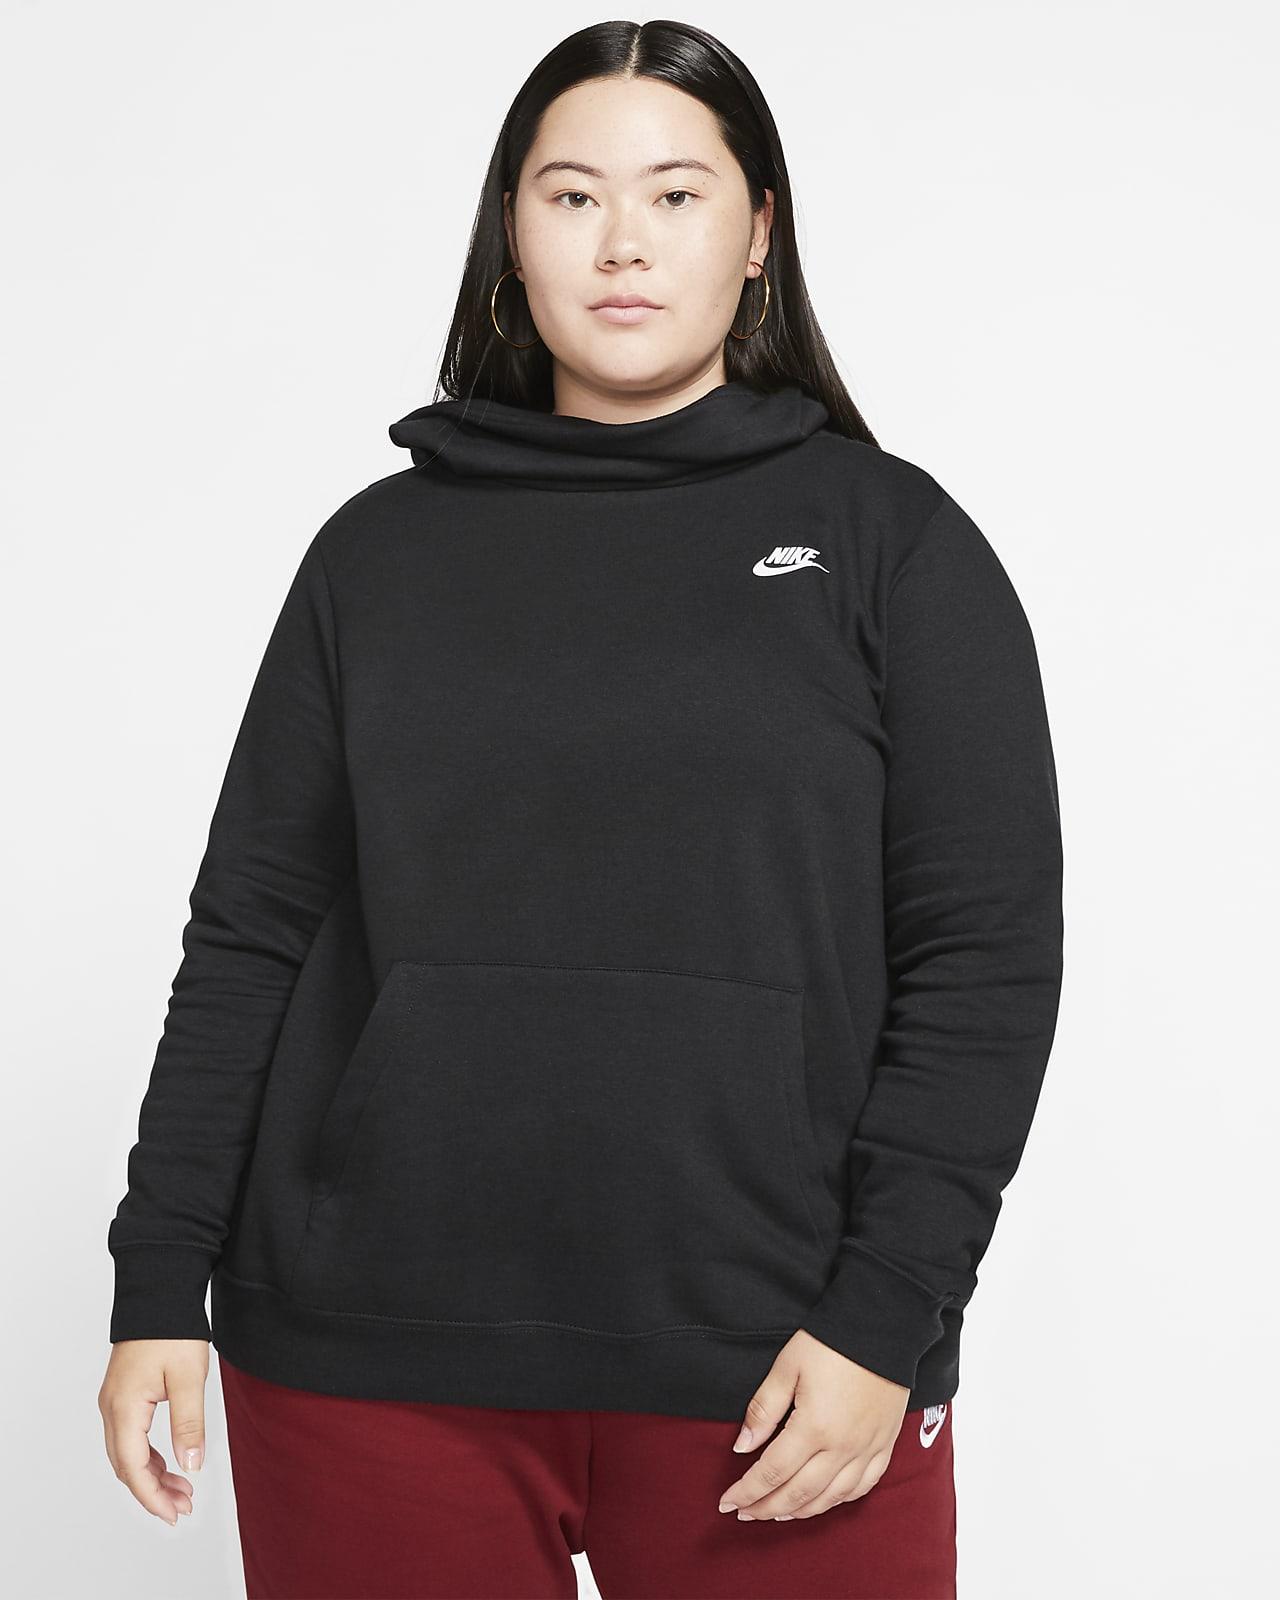 Nike Sportswear Women's Fleece Funnel